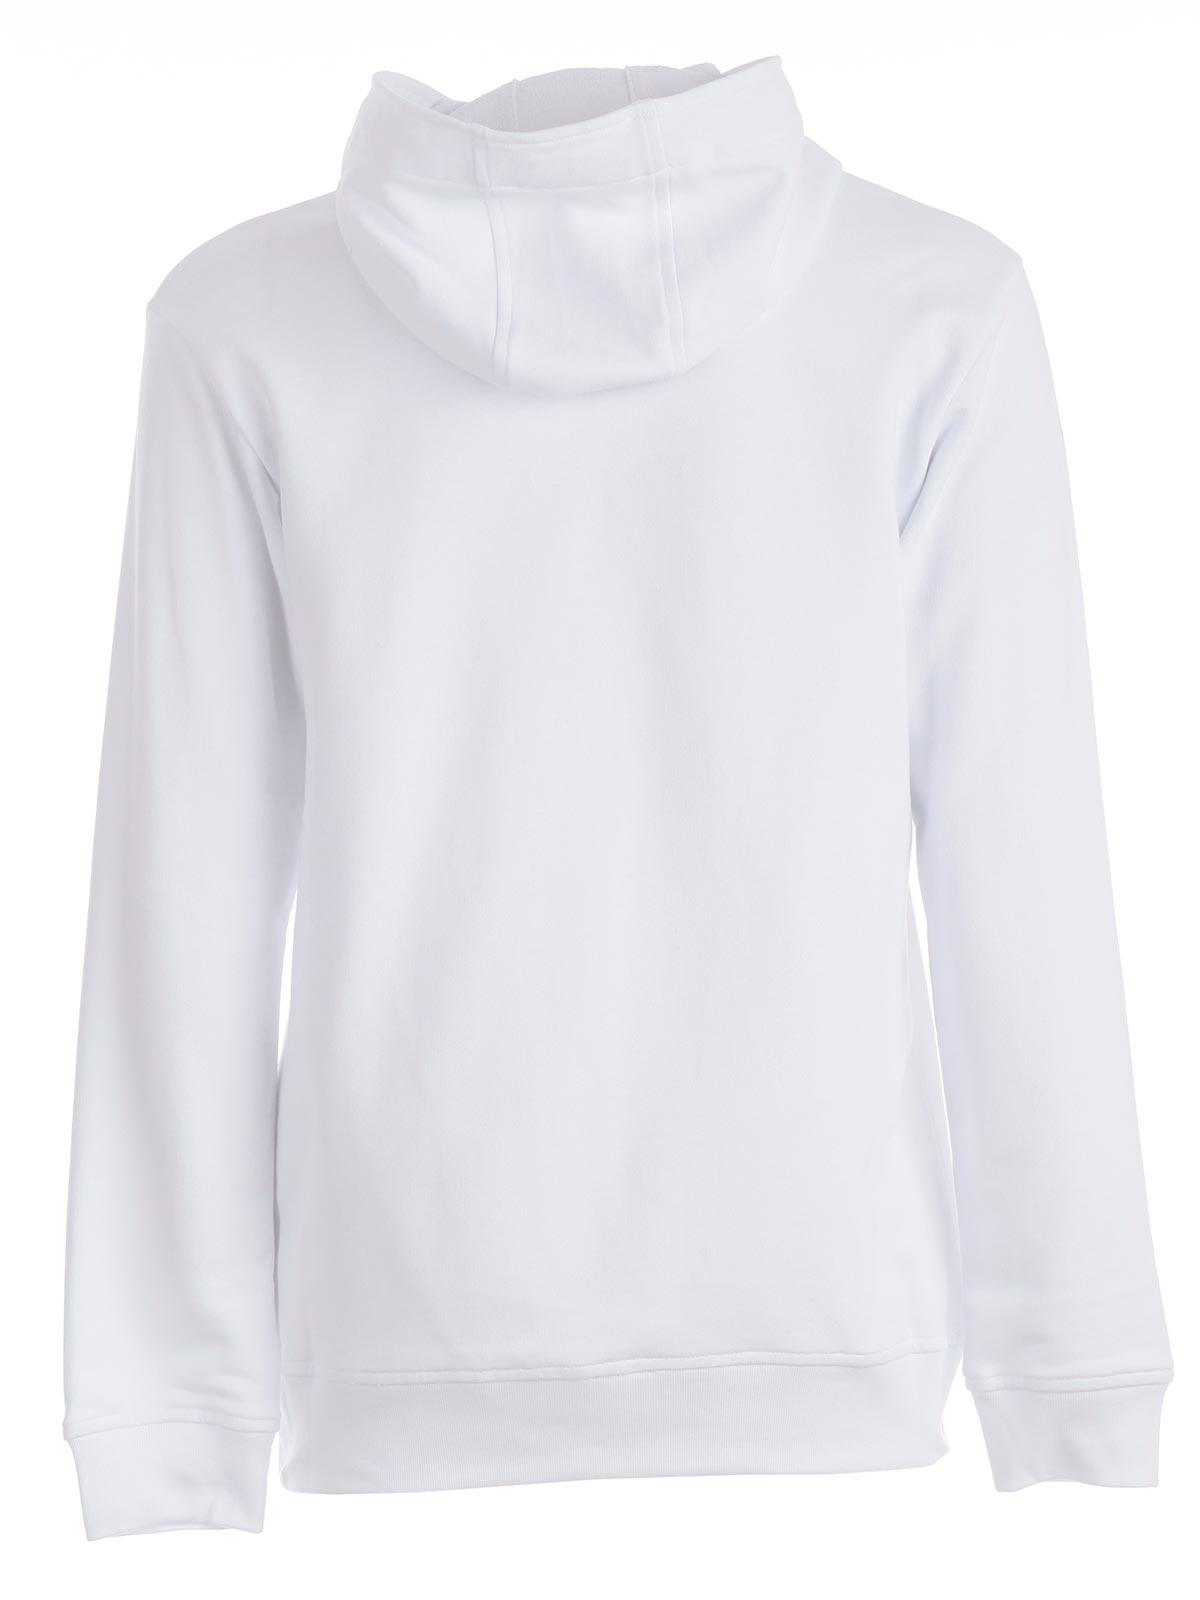 Picture of Comme Des Garcons Shirt Sweatshirt